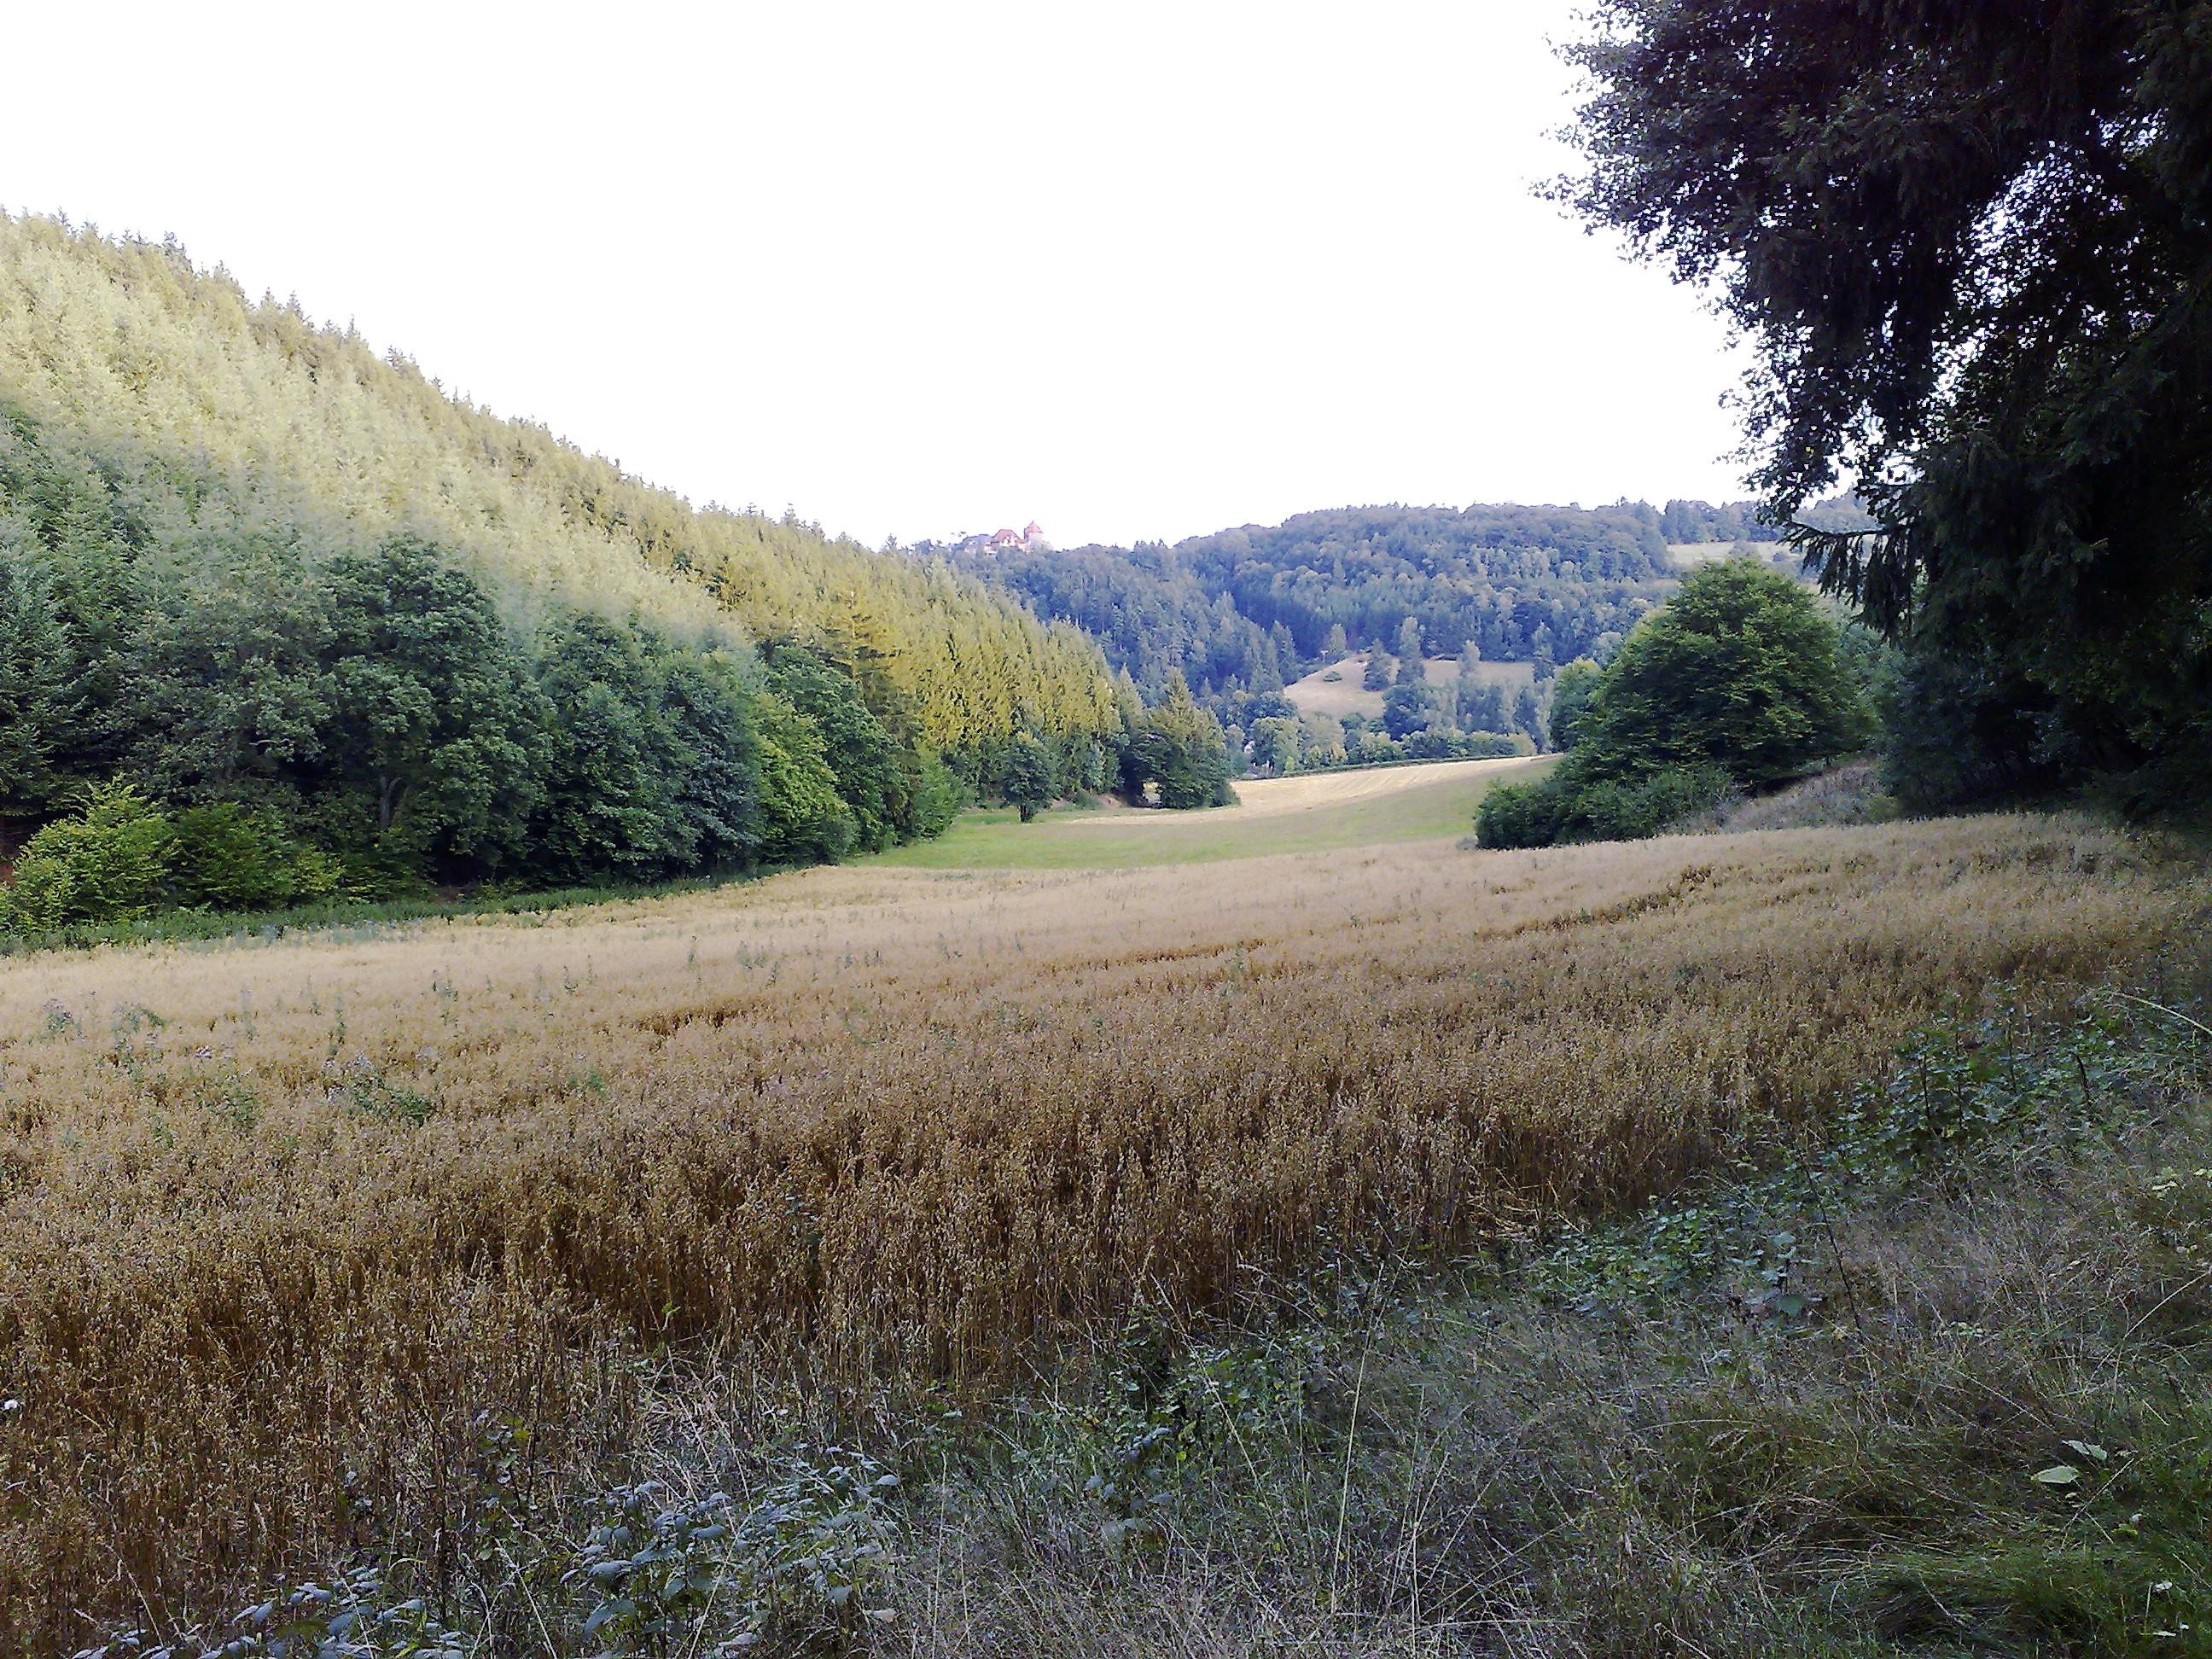 Wandeling Muhlenberg Dalwigksthal